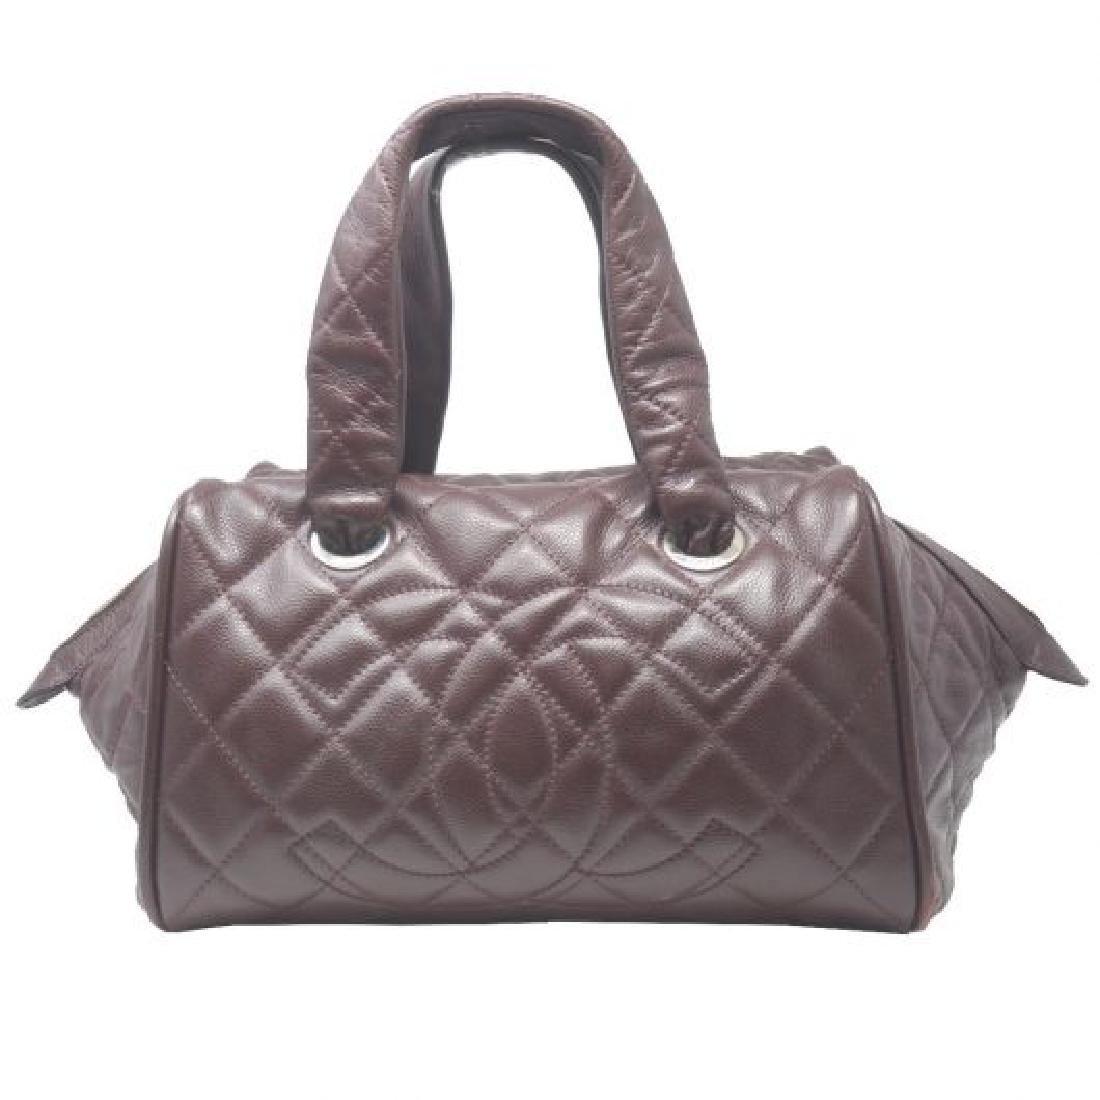 Vintage Chanel Bowler Shoulder Bag